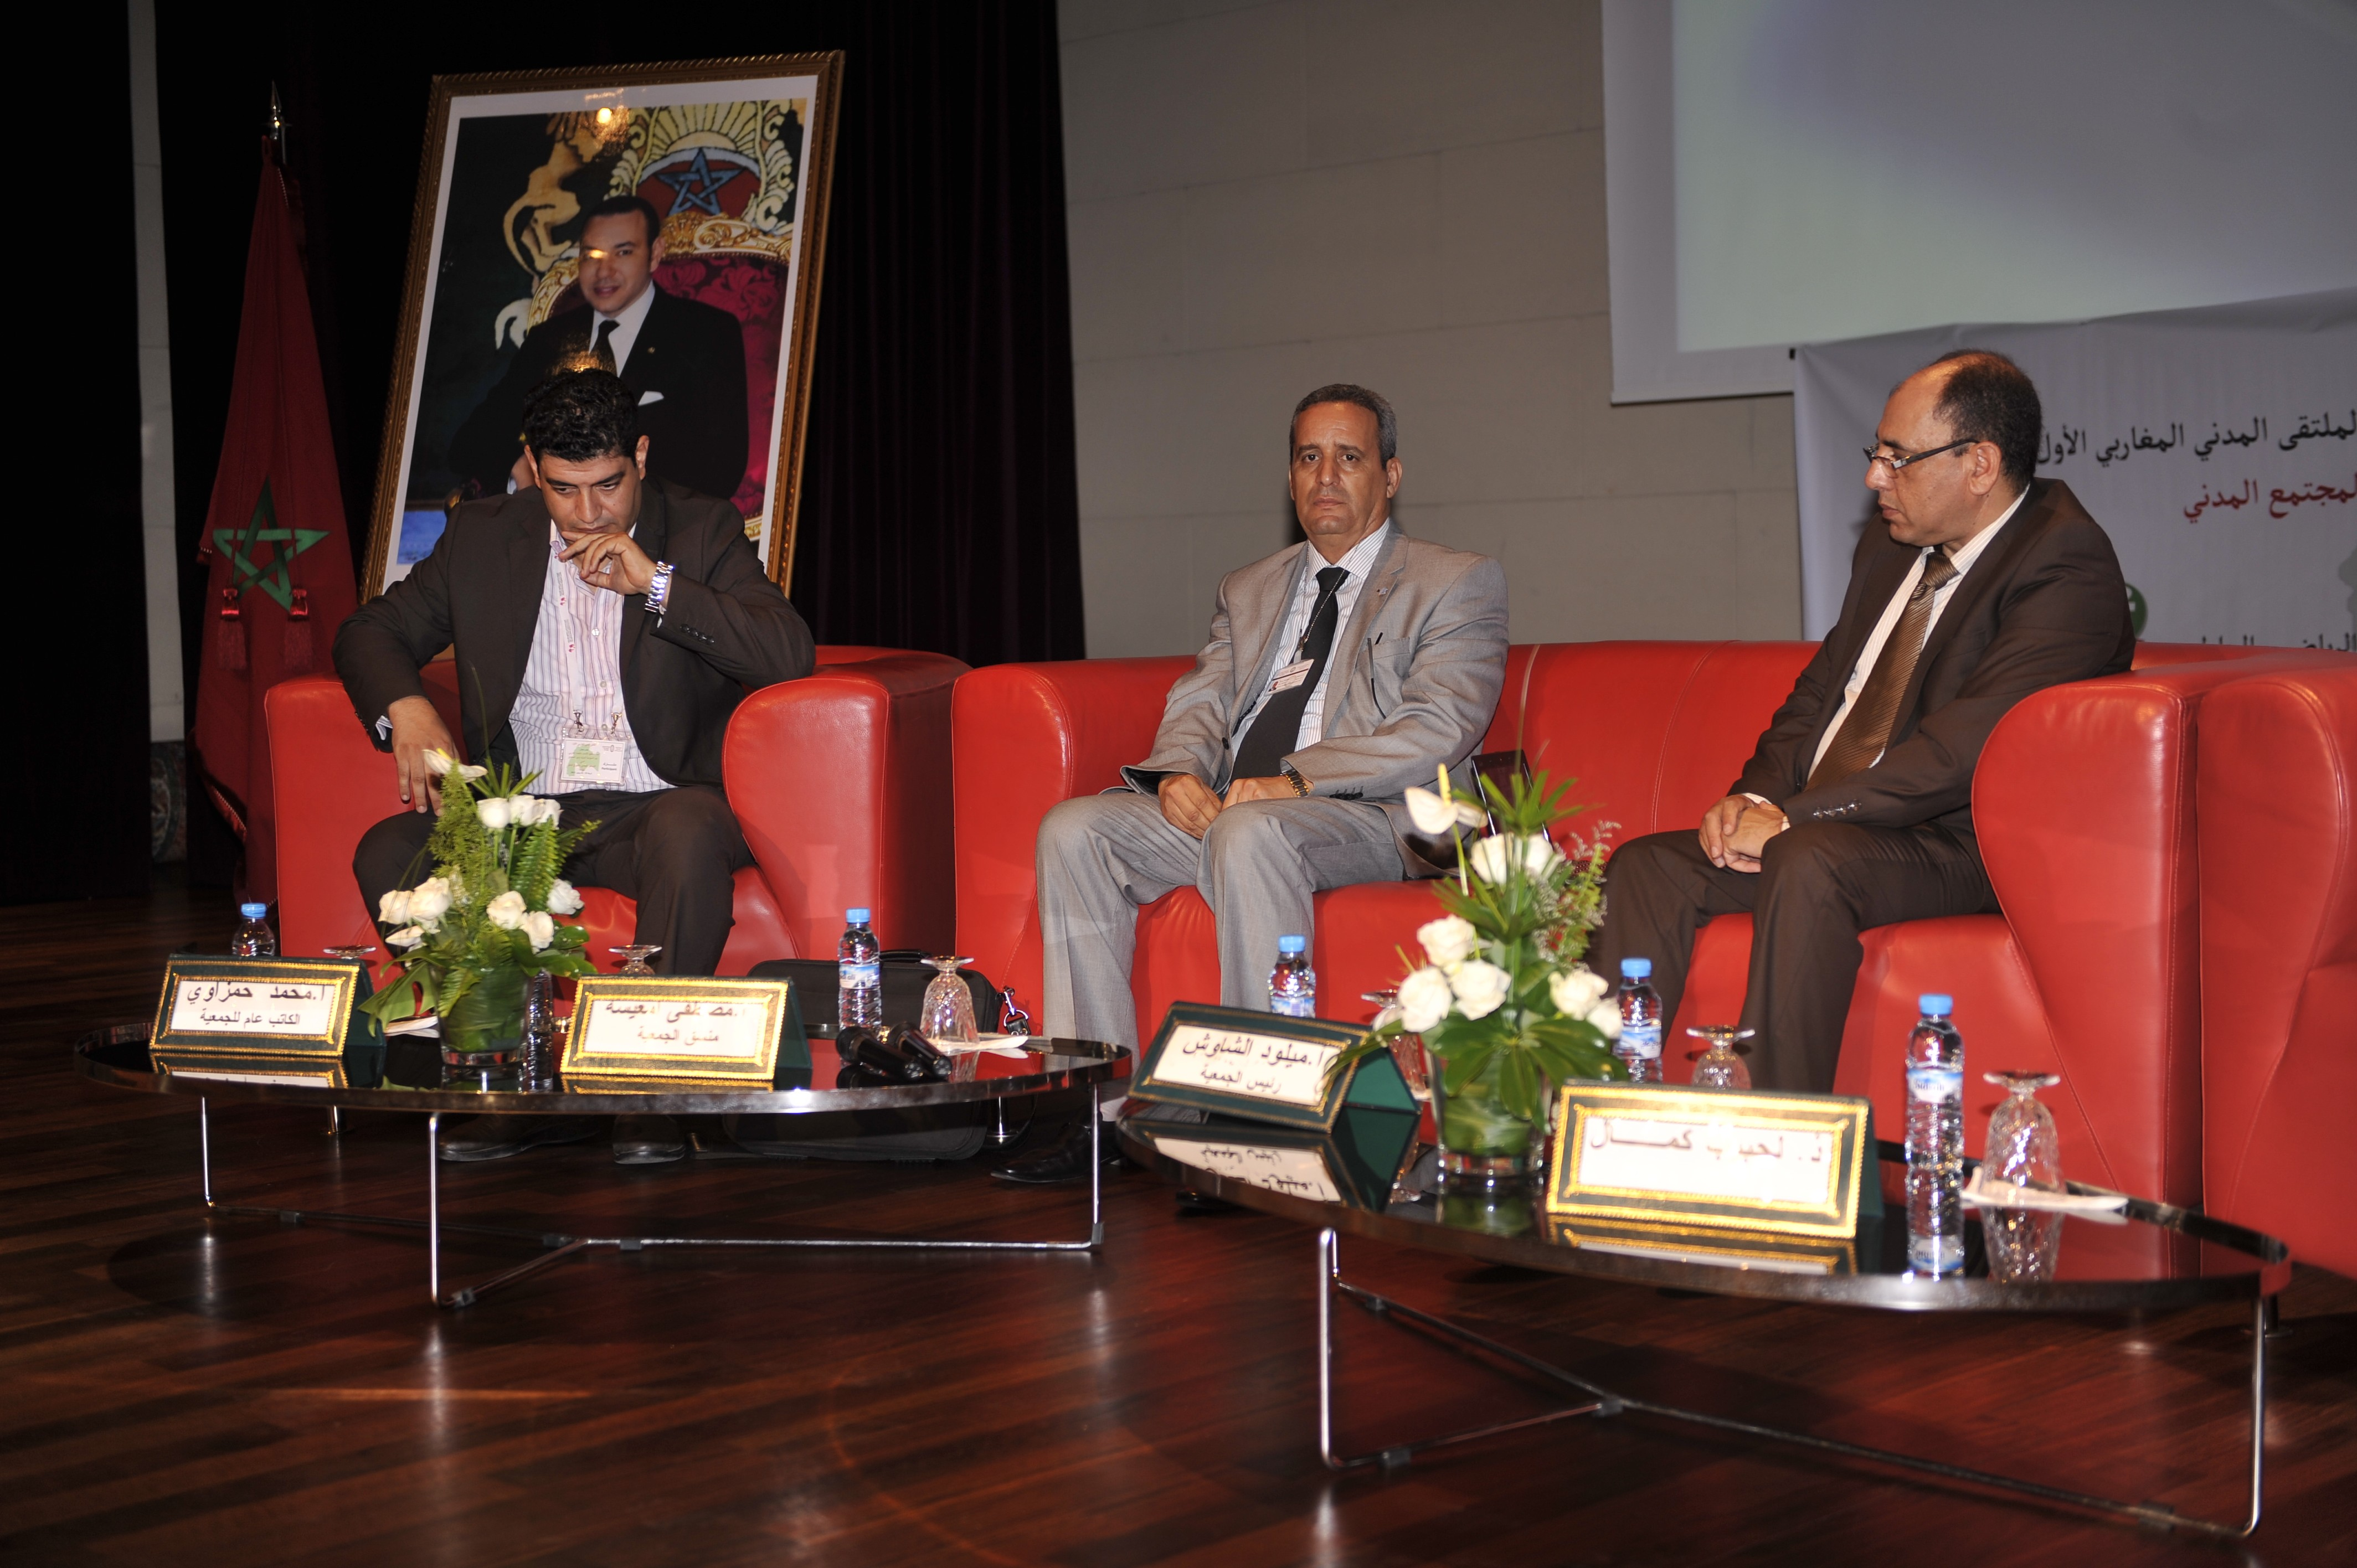 تقرير حول أشغال الملتقى المدني المغاربي الأول بمبادرة من جمعية المغاربة ضحايا الطرد التعسفي من الجزائر